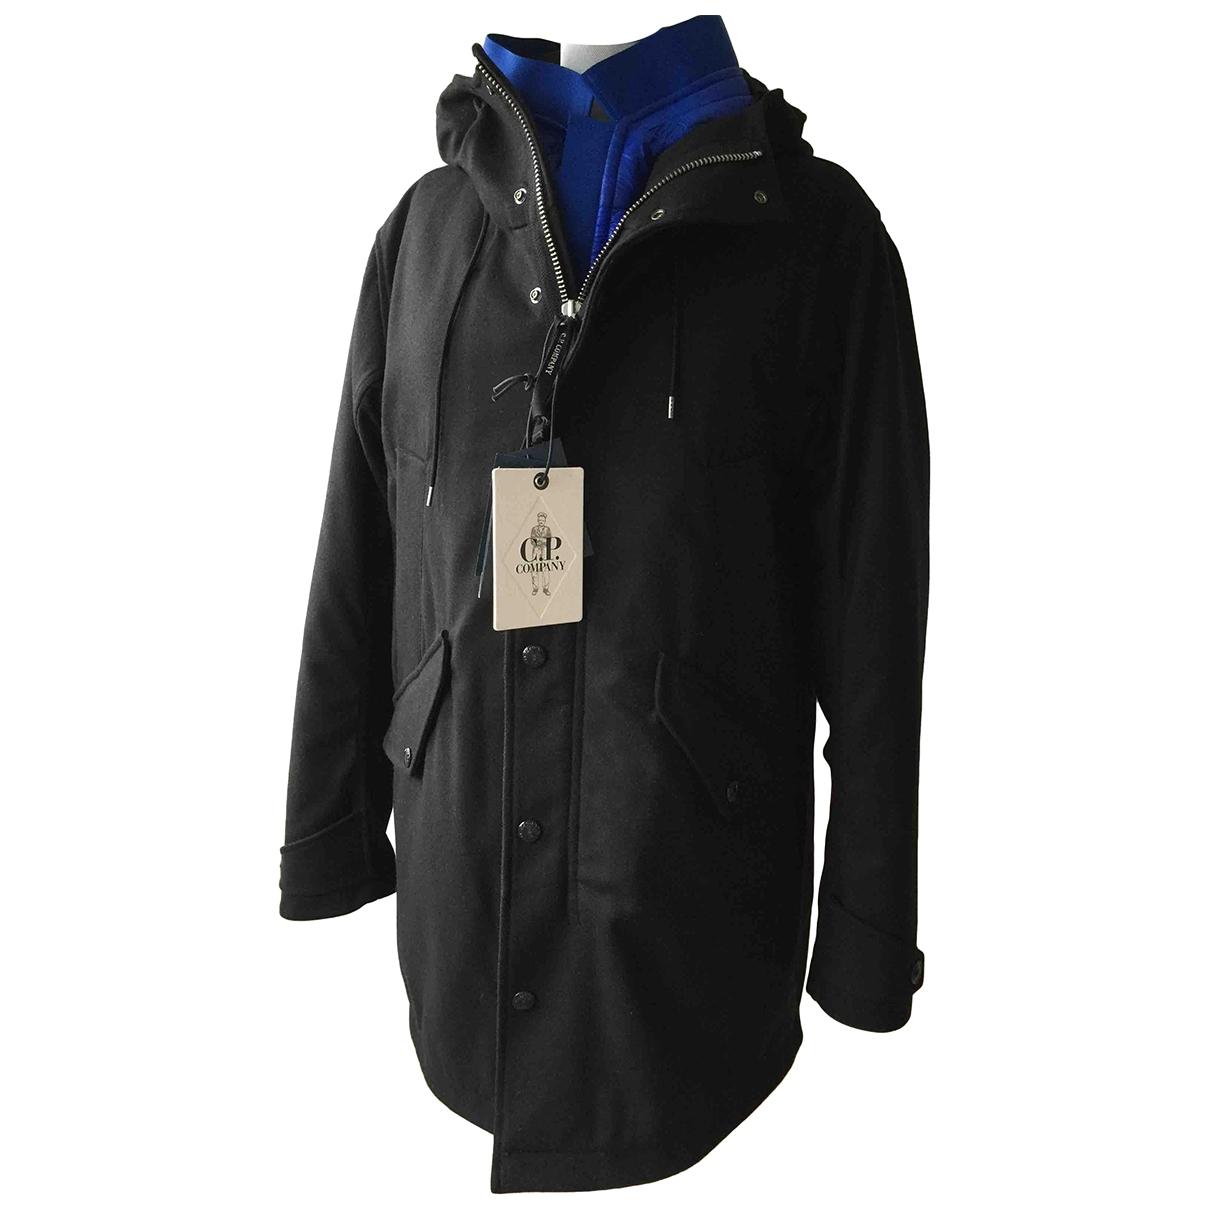 Cp Company - Manteau   pour homme en laine - noir